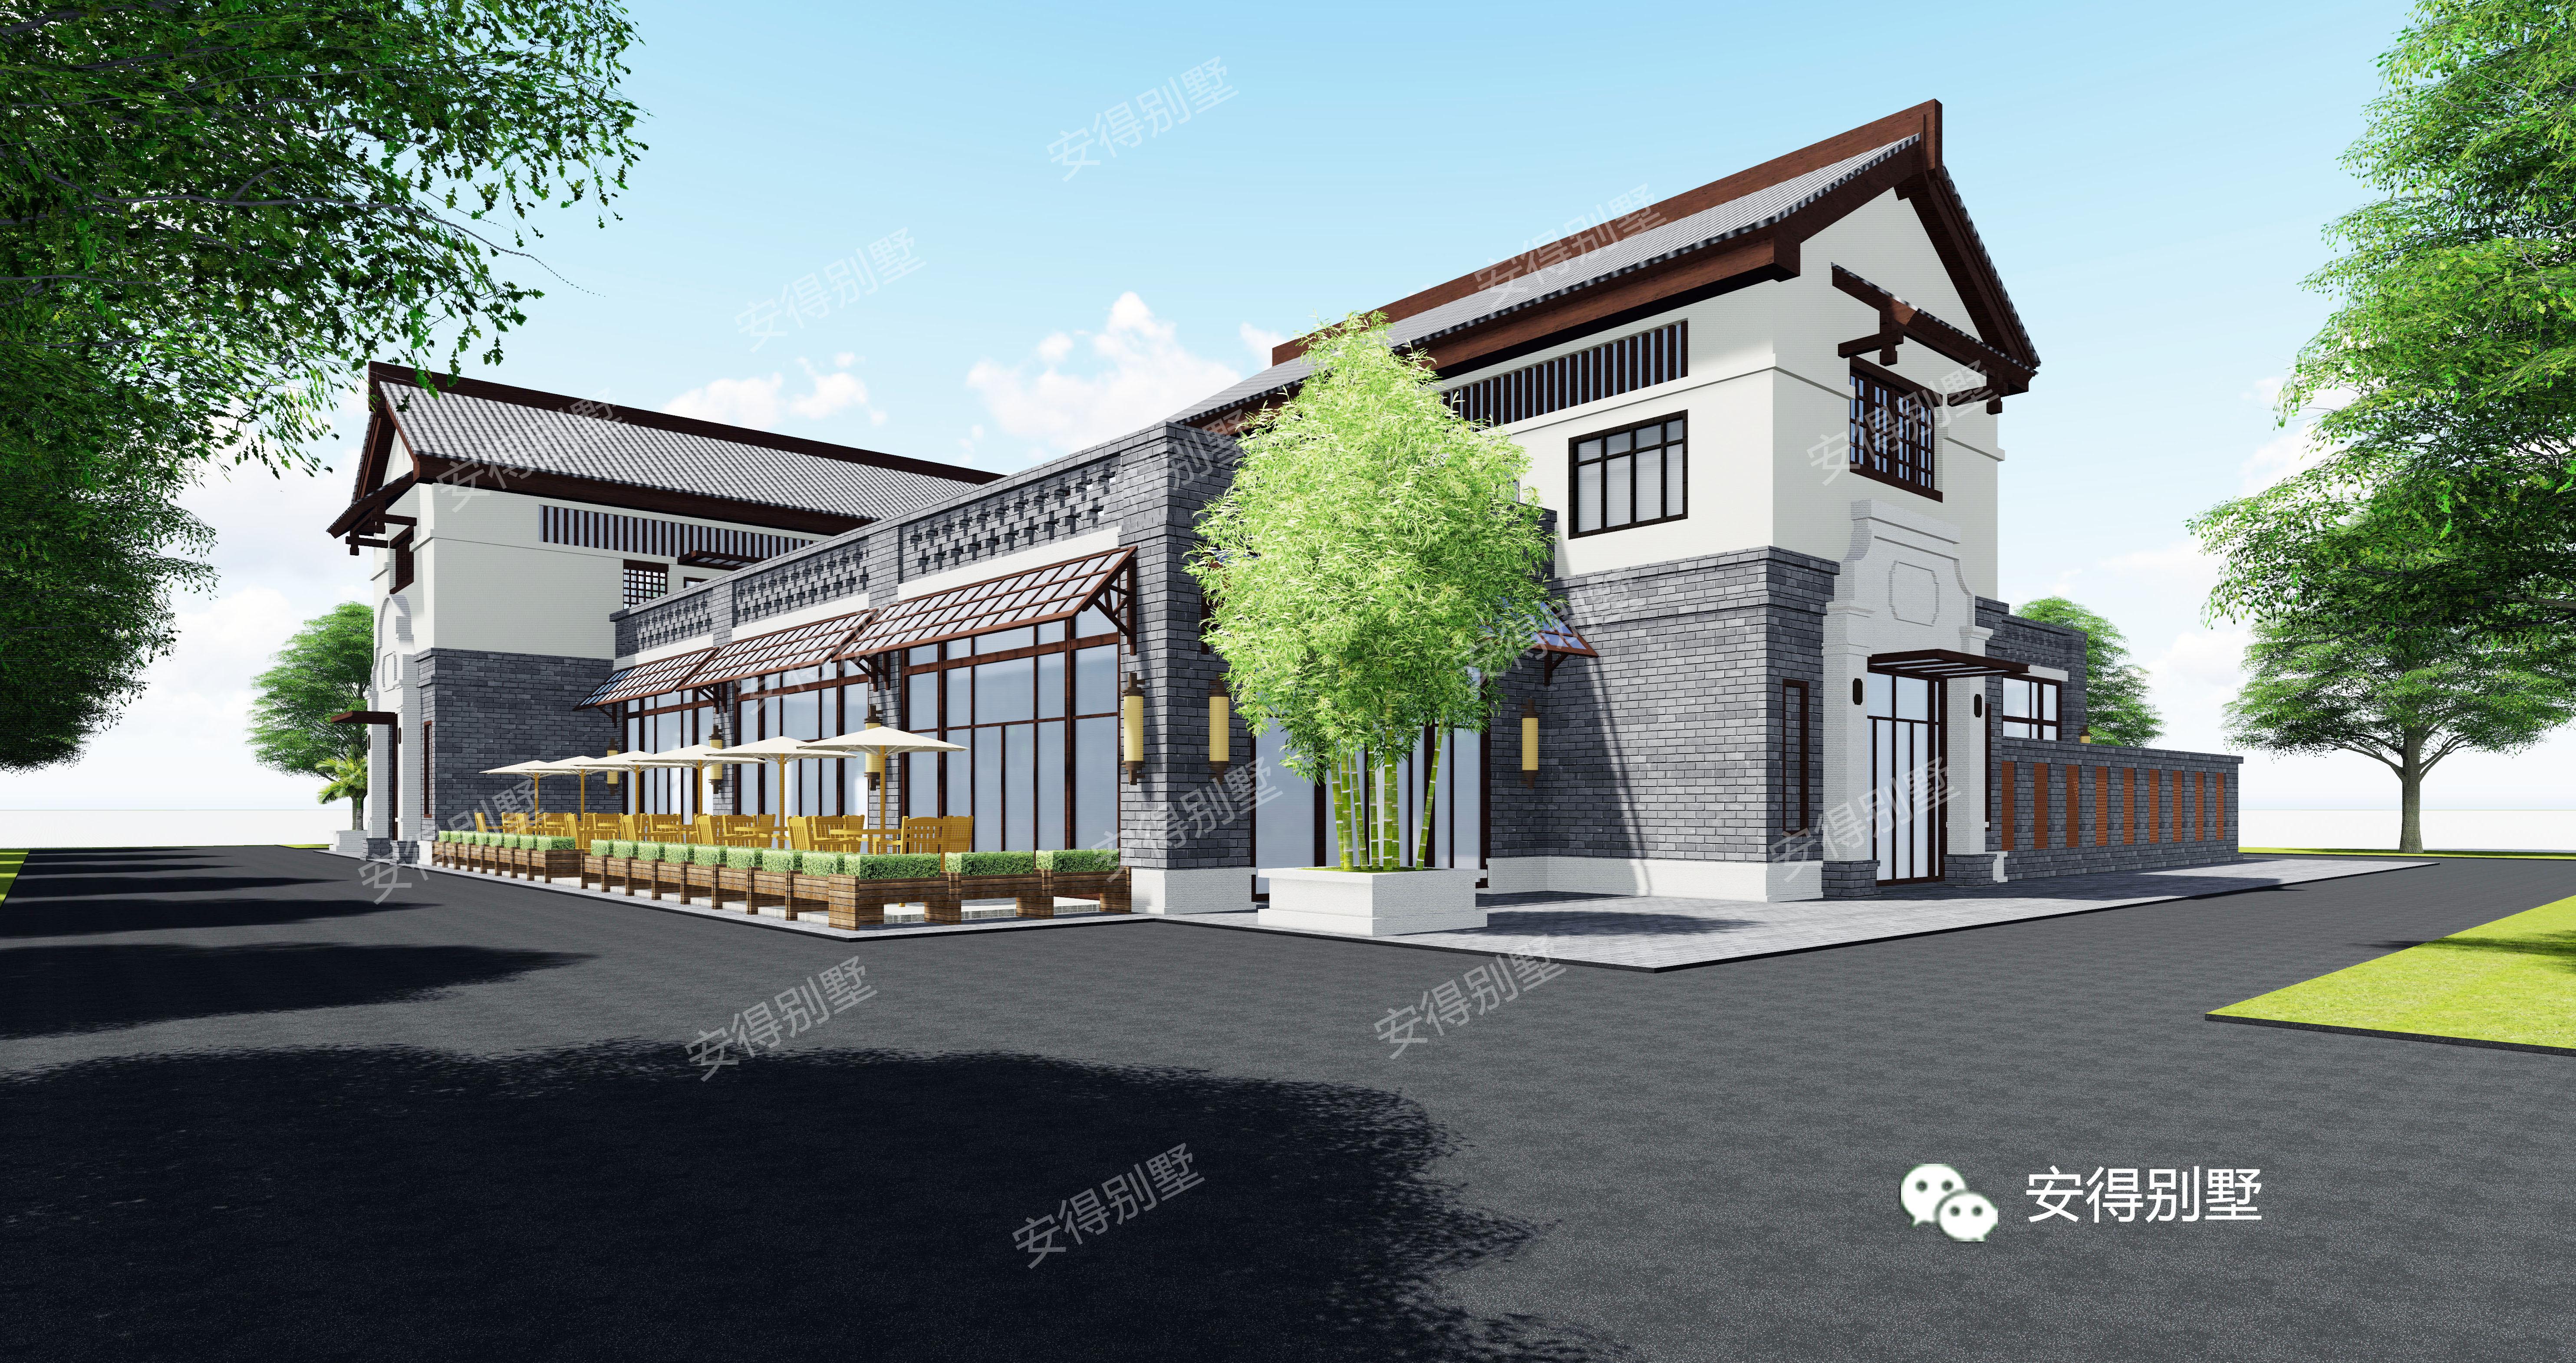 新农村建设,新中式风格沿街商铺,赶超市中心的商业街图片